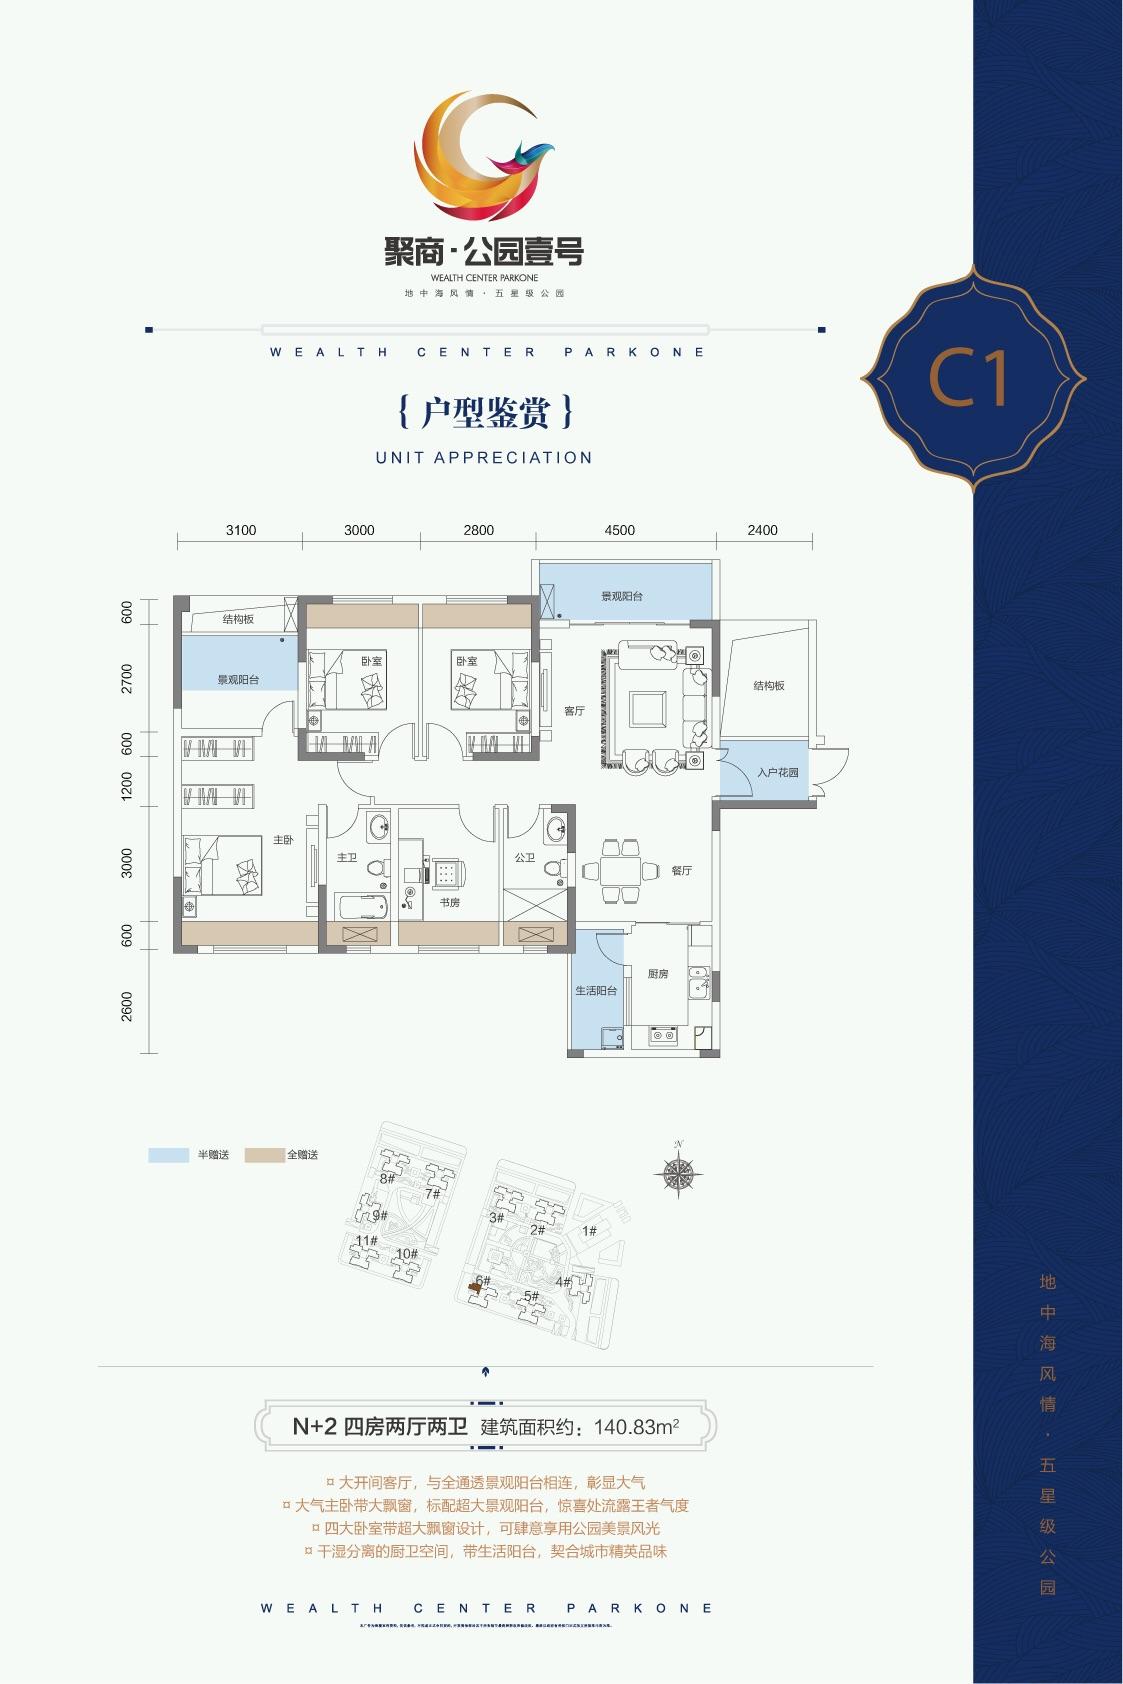 聚商公园壹号3室 2厅 2卫50万元